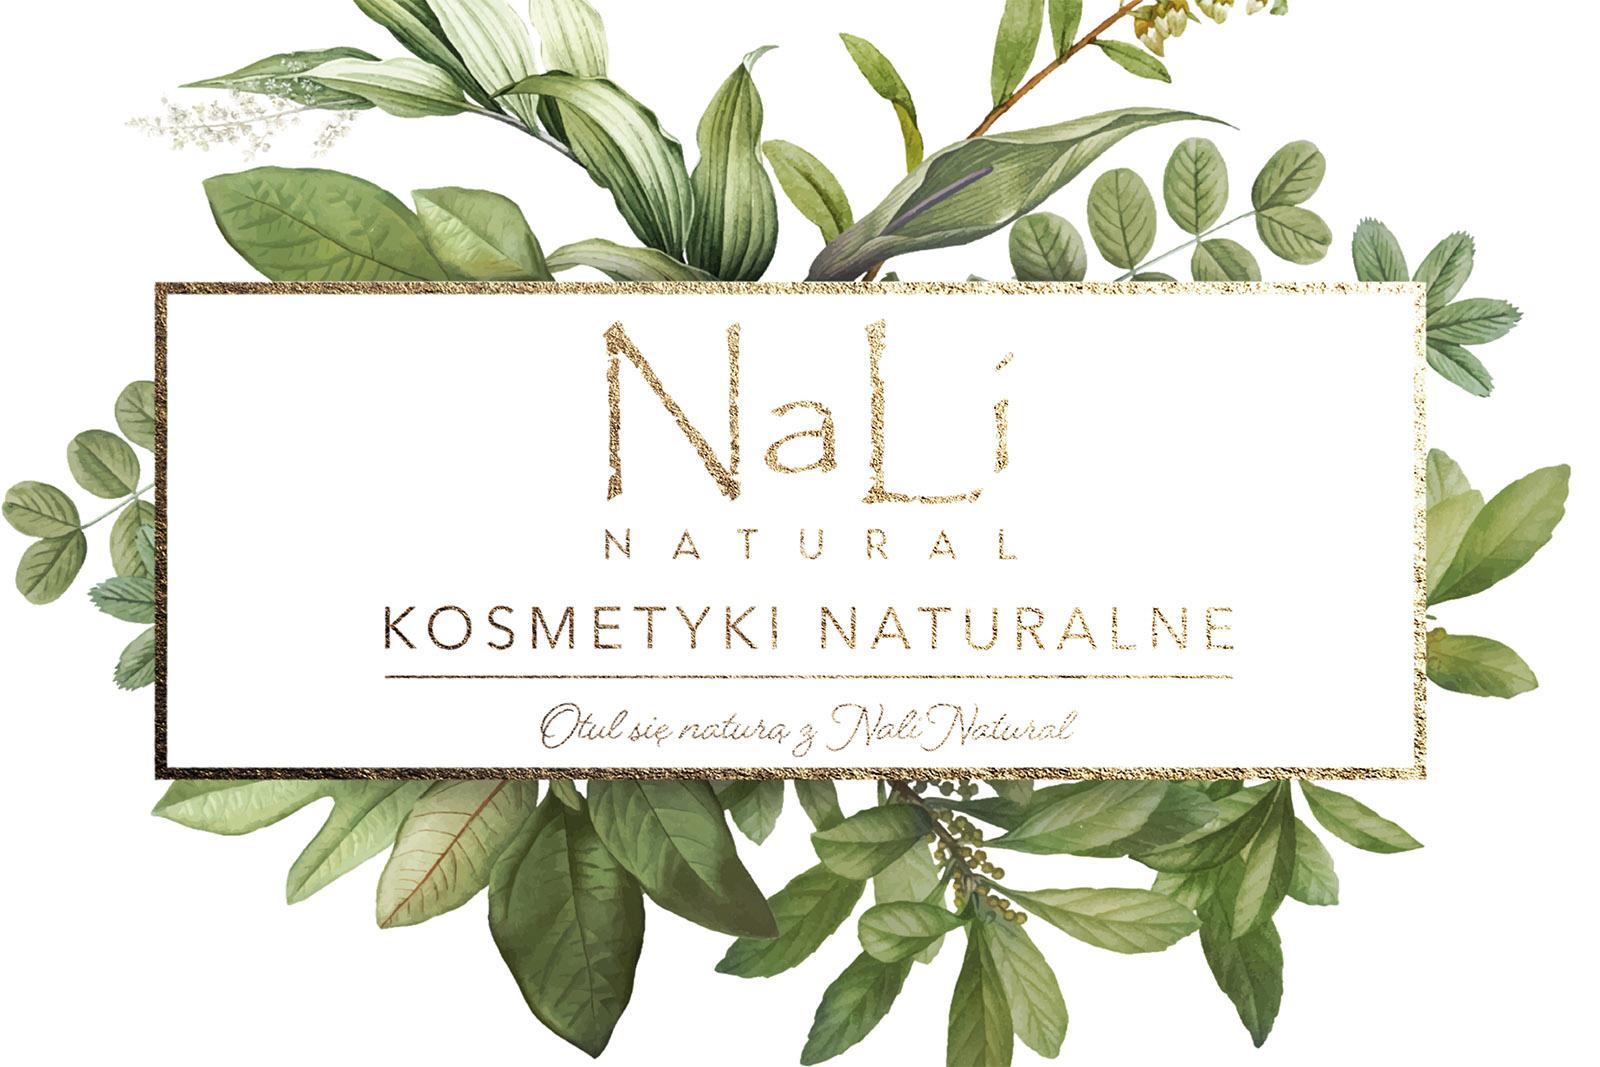 NaLi Natural